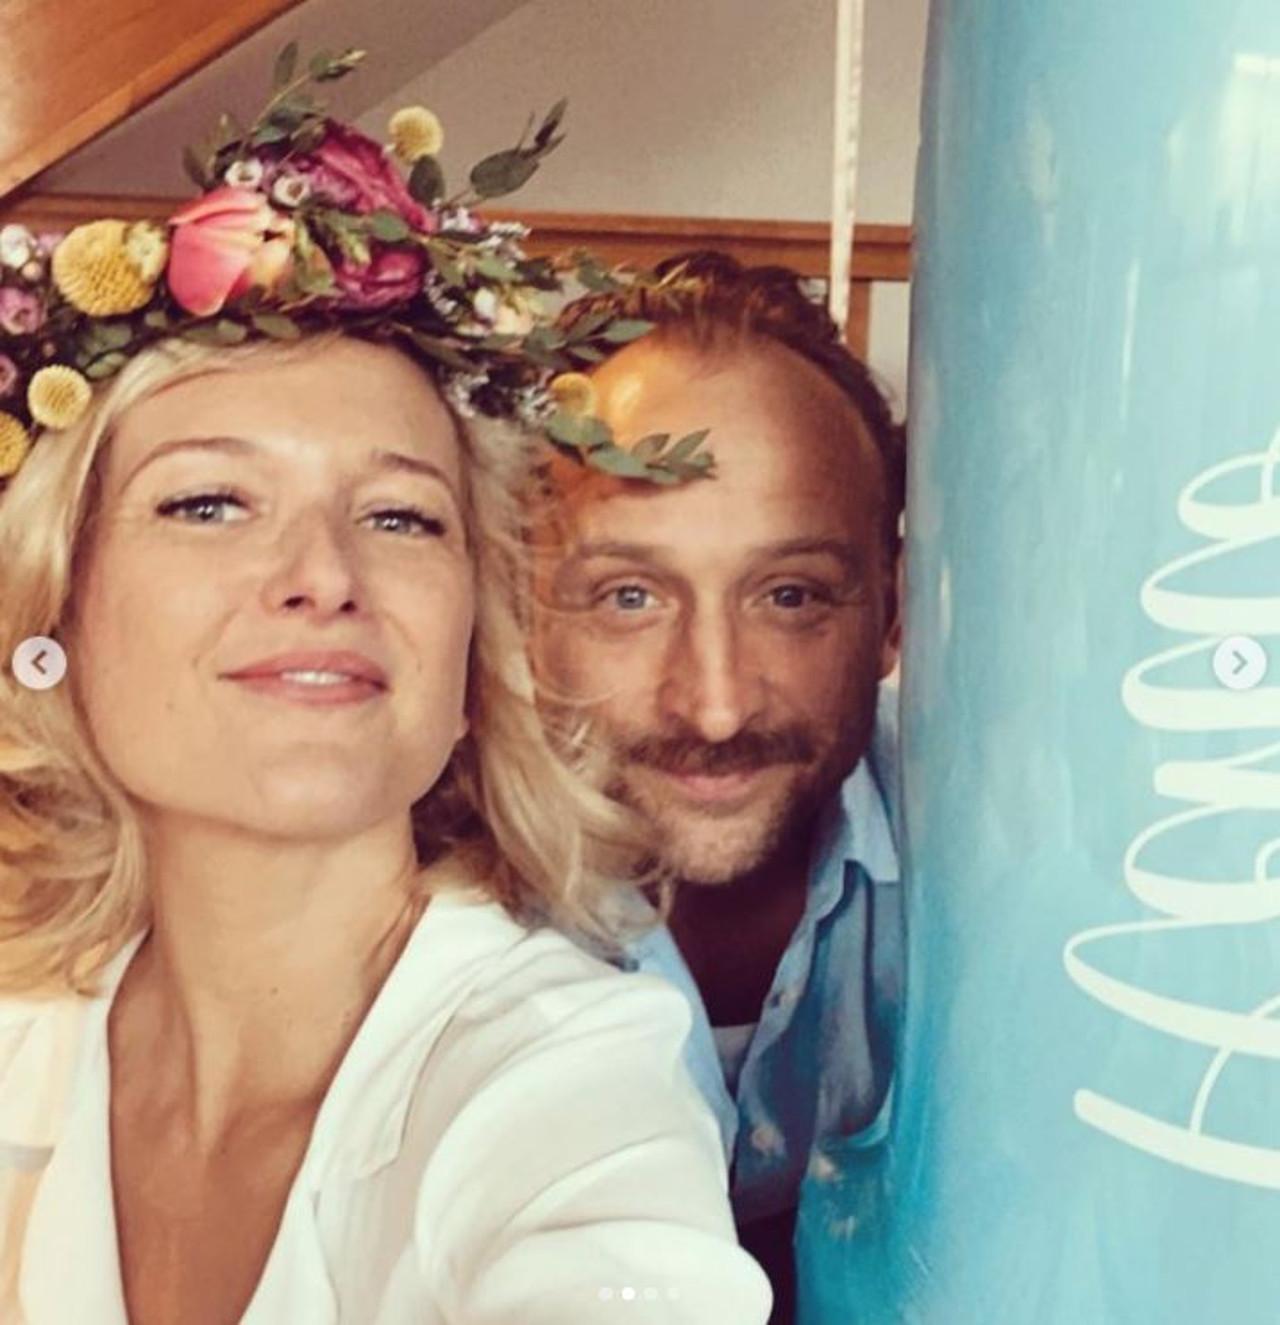 Borys Szyc i Justyna Nagłowska zorganizowali synkowi imprezę urodzinową.